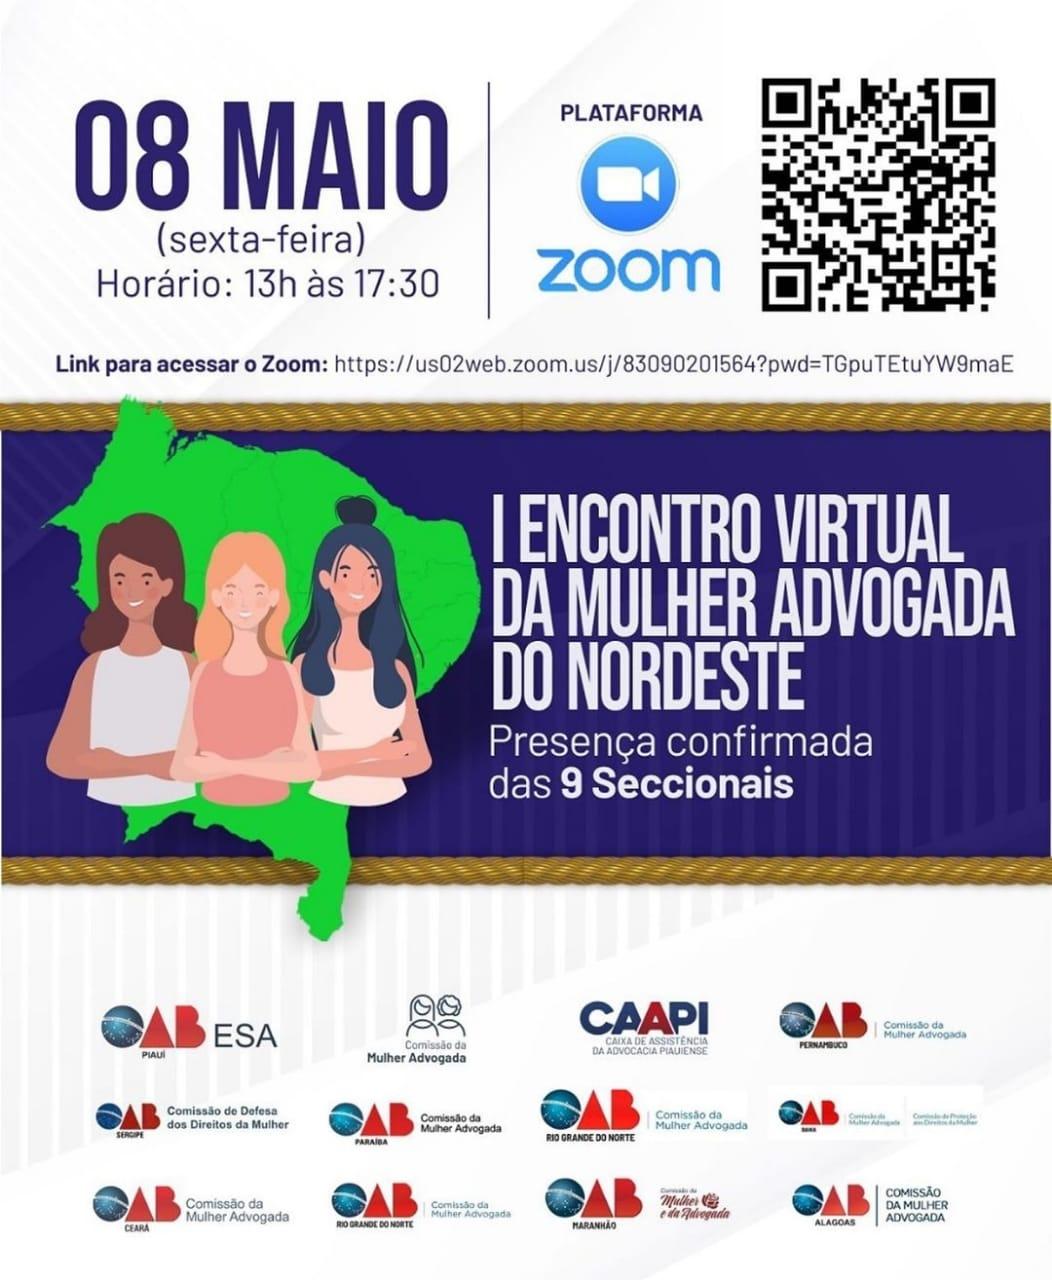 OAB-PB participará do I Encontro Virtual da Mulher Advogada do Nordeste nesta sexta